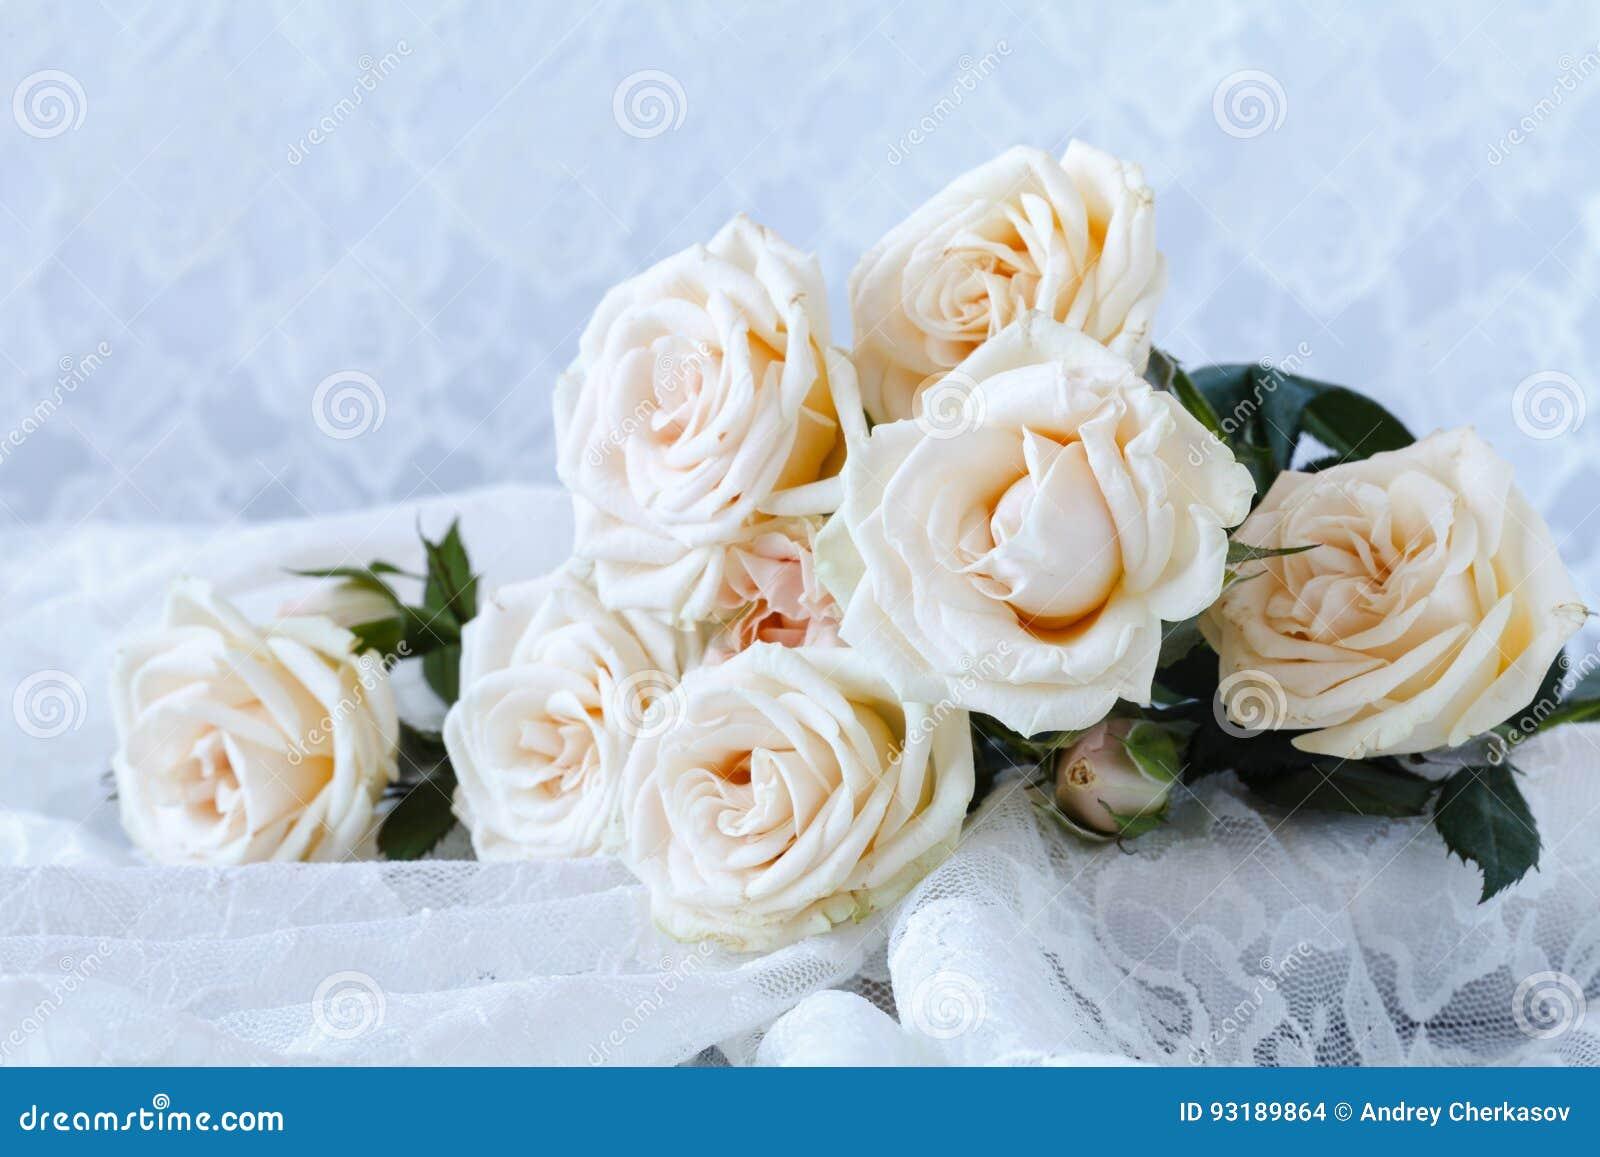 Leichter Hintergrund Fur Hochzeitskarten Und Einladungen Stockfoto